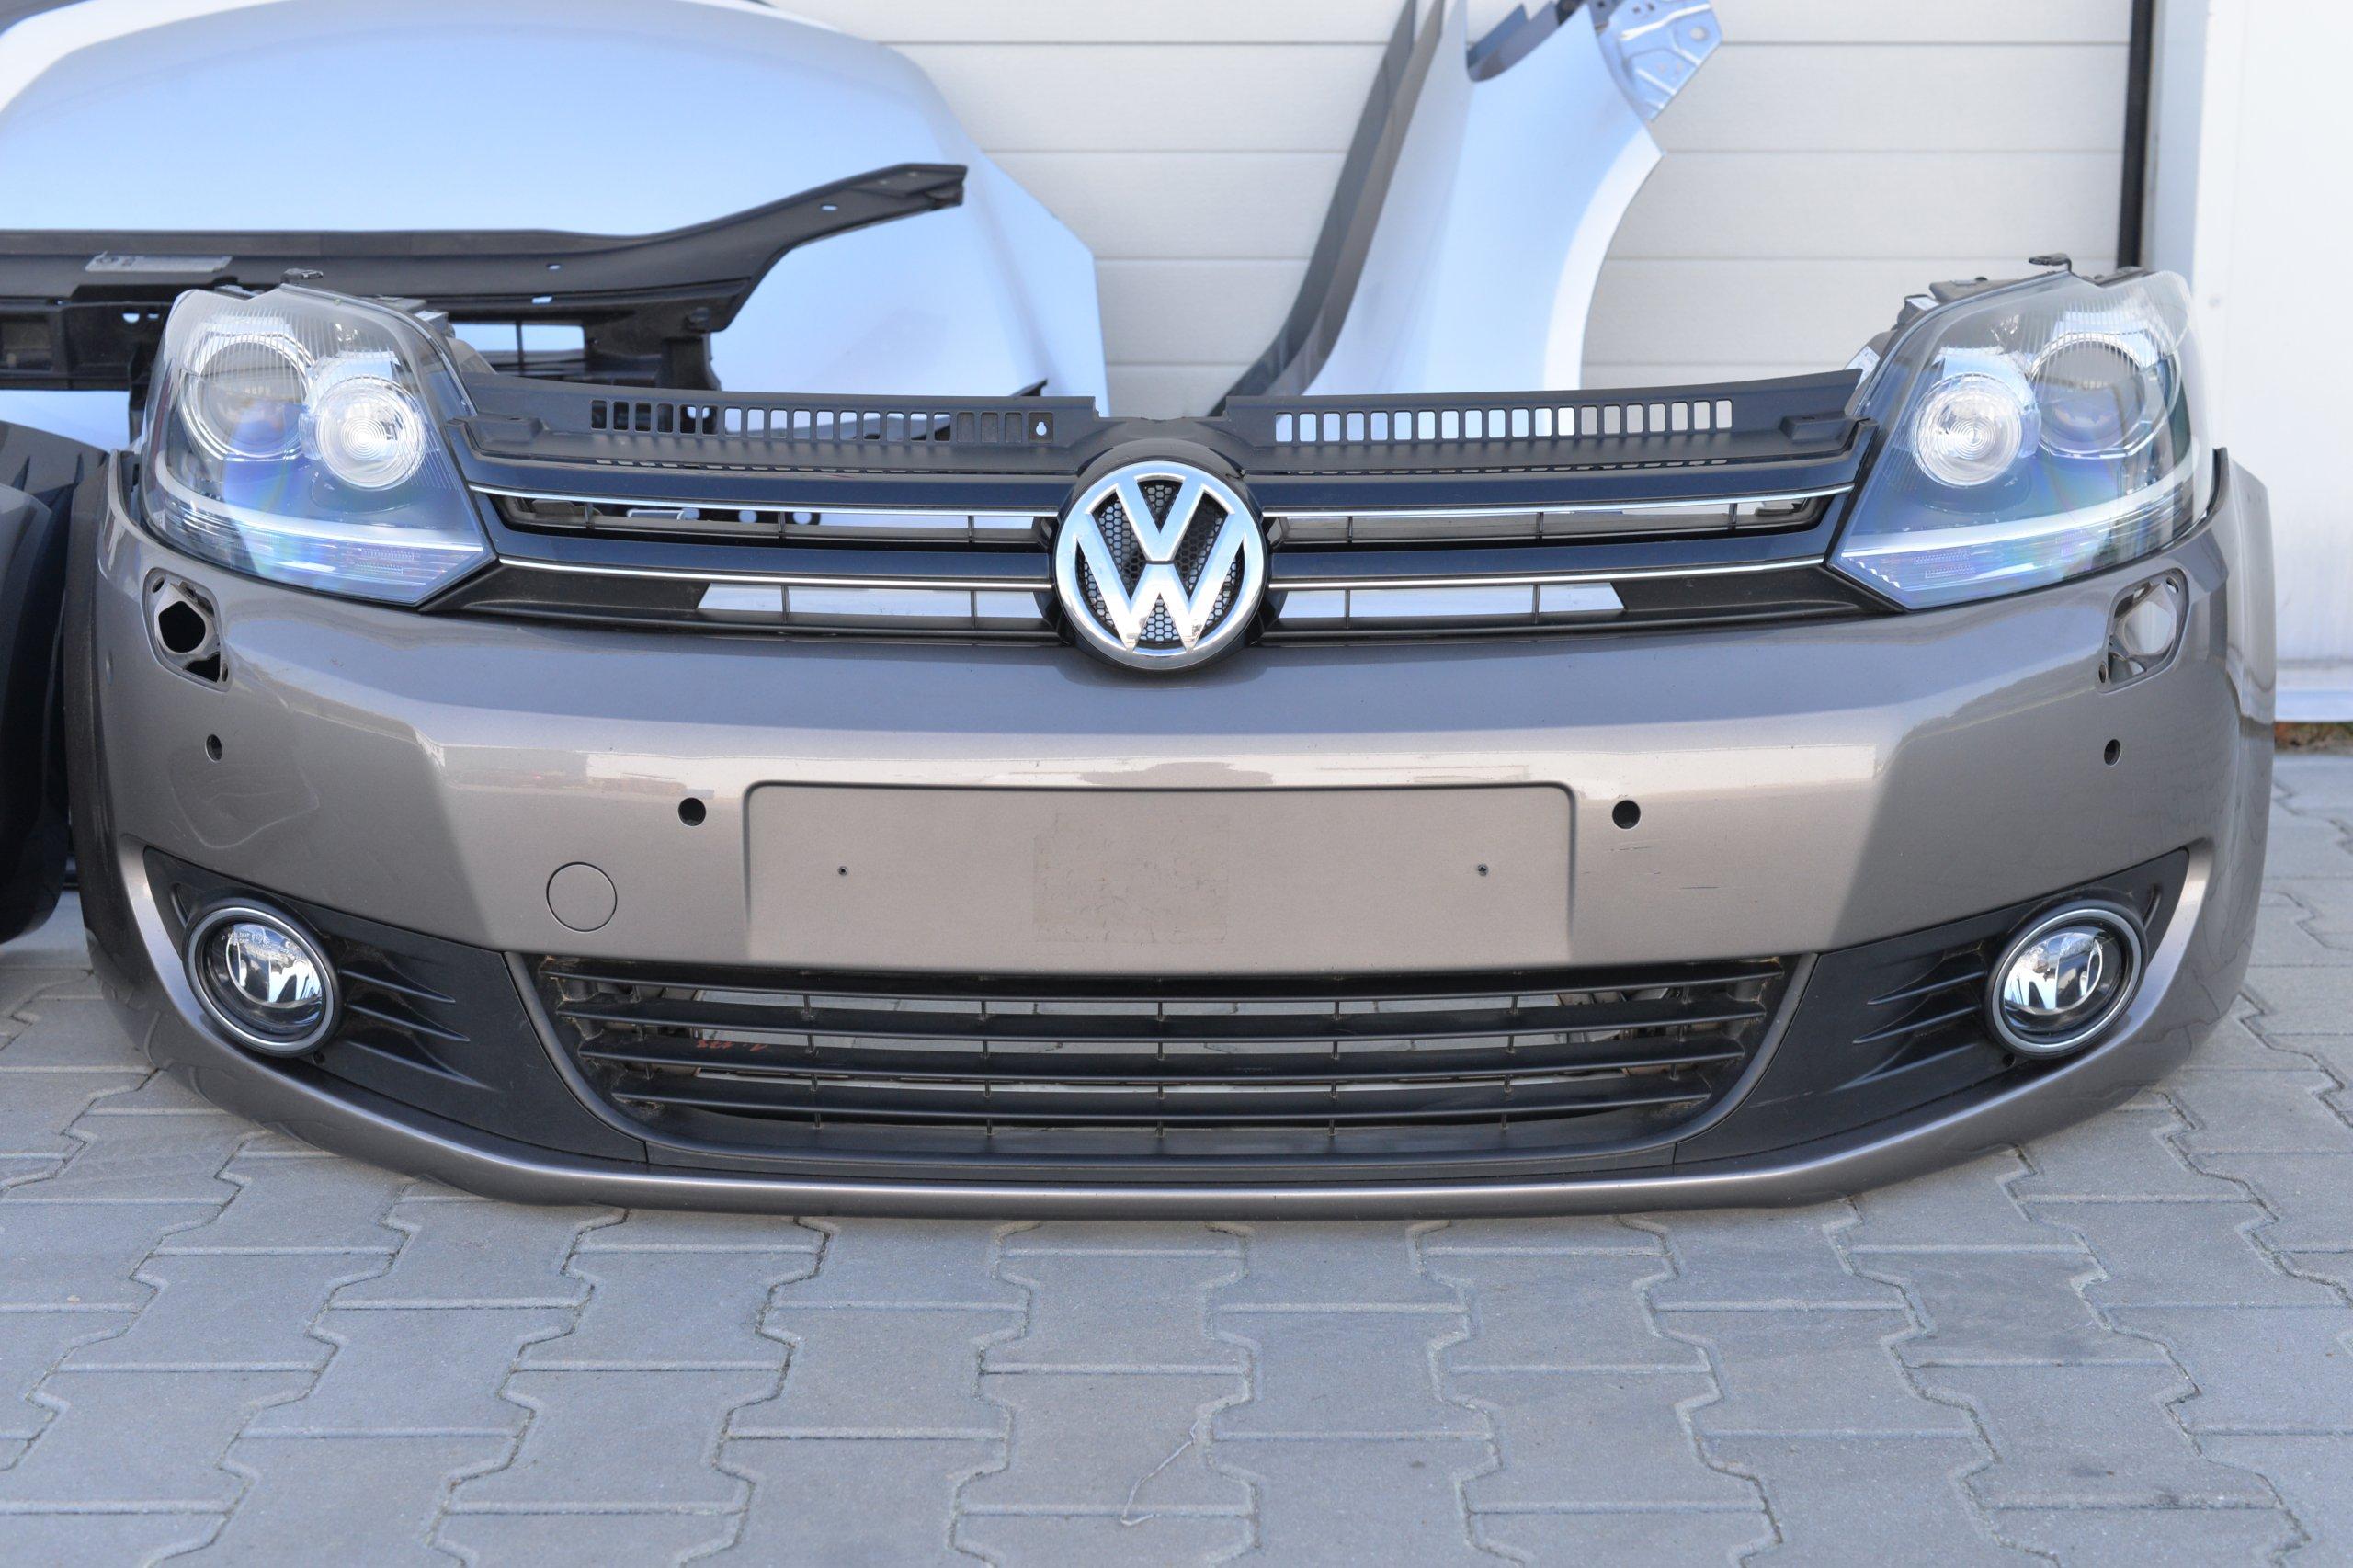 [КАПОТ ZDERZAK КРЫЛО LAMPA VW GOLF VI 6 PLUS + из Польши]изображение 4